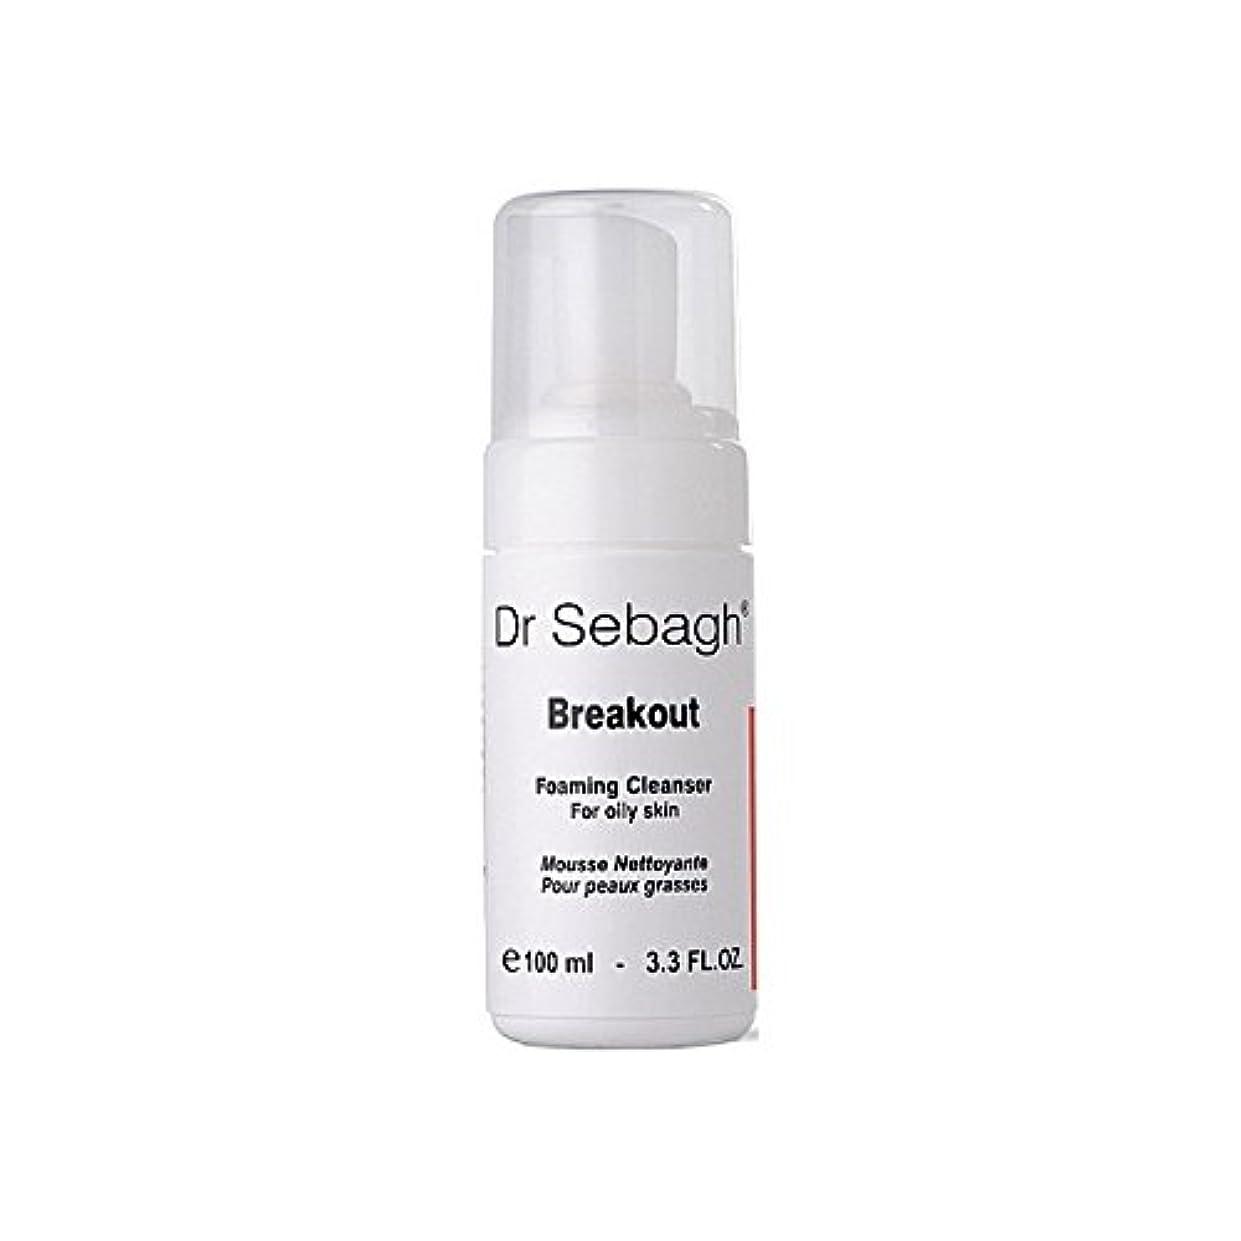 漏れ不安通貨クレンザーを発泡の のブレイクアウト x2 - Dr Sebagh Breakout Foaming Cleanser (Pack of 2) [並行輸入品]